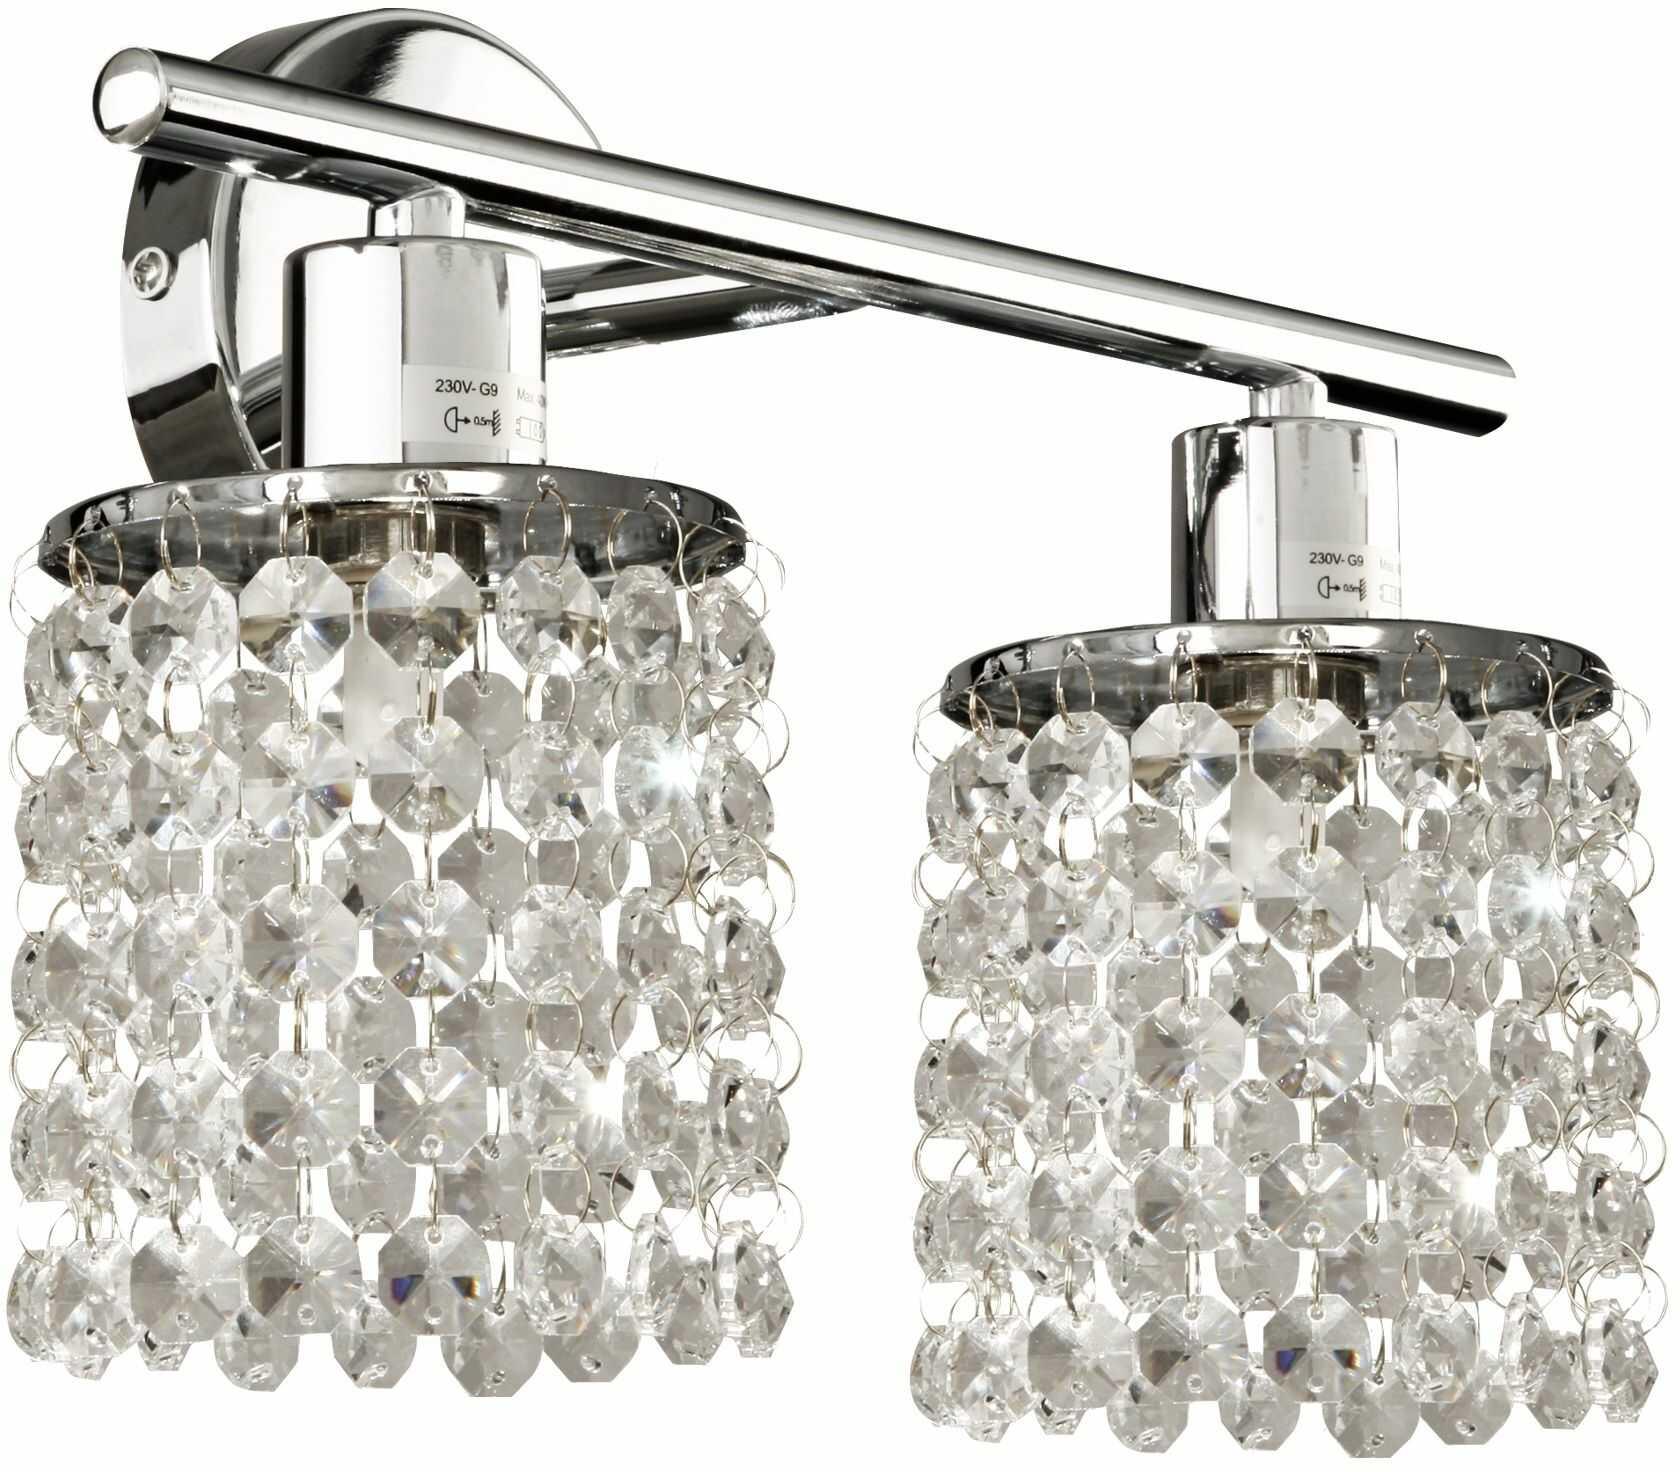 Candellux ROYAL 92-28030 kinkiet lampa ścienna chrom kryształki 2X40W G9 31cm